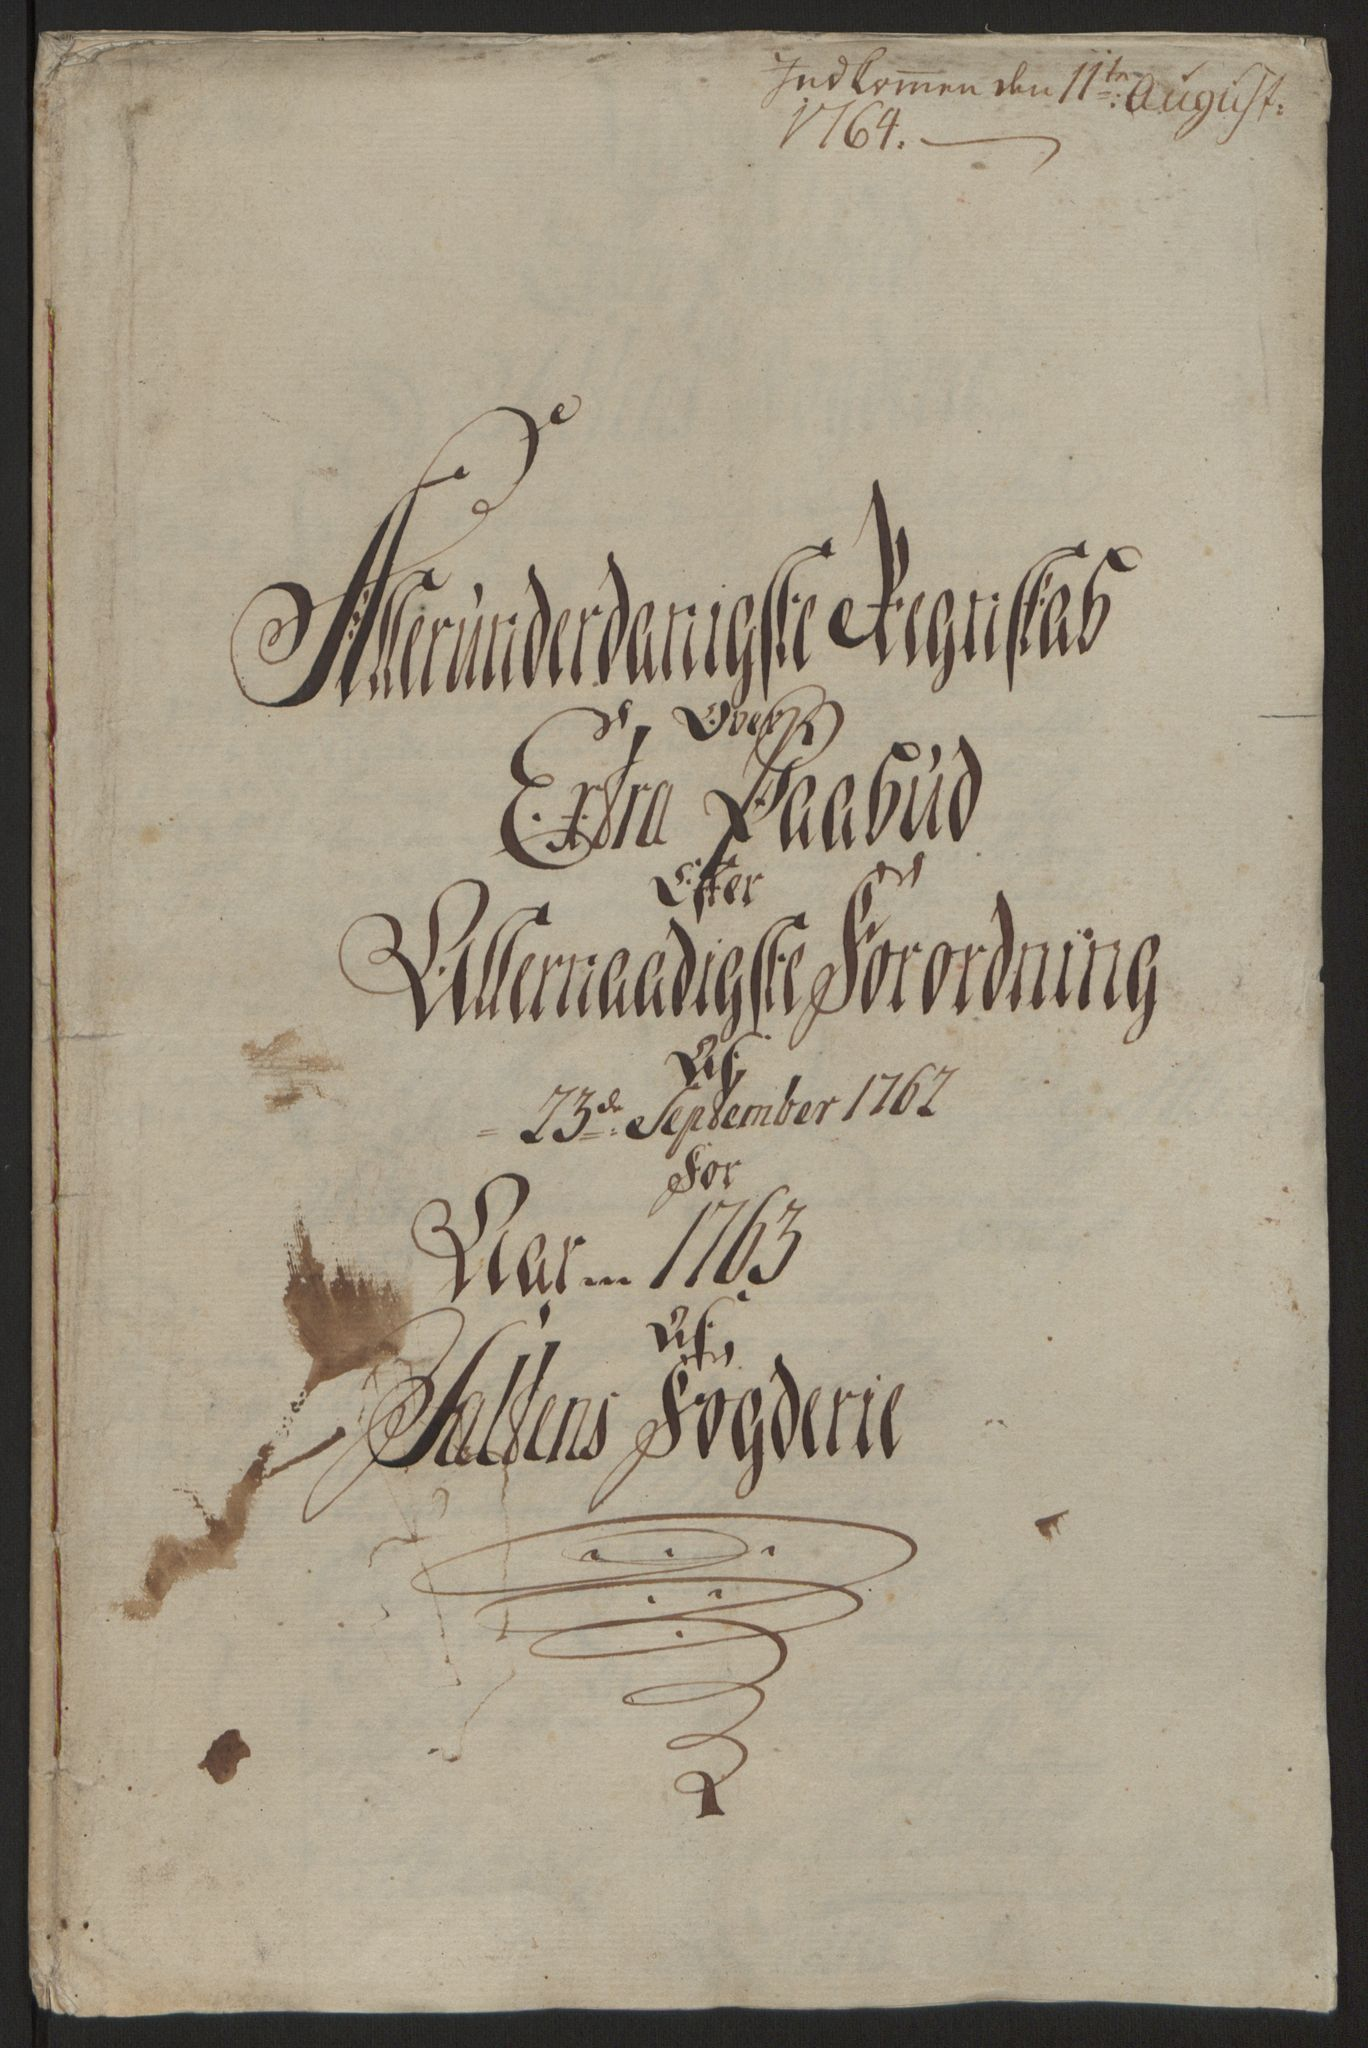 RA, Rentekammeret inntil 1814, Reviderte regnskaper, Fogderegnskap, R66/L4670: Ekstraskatten Salten, 1762-1764, s. 139